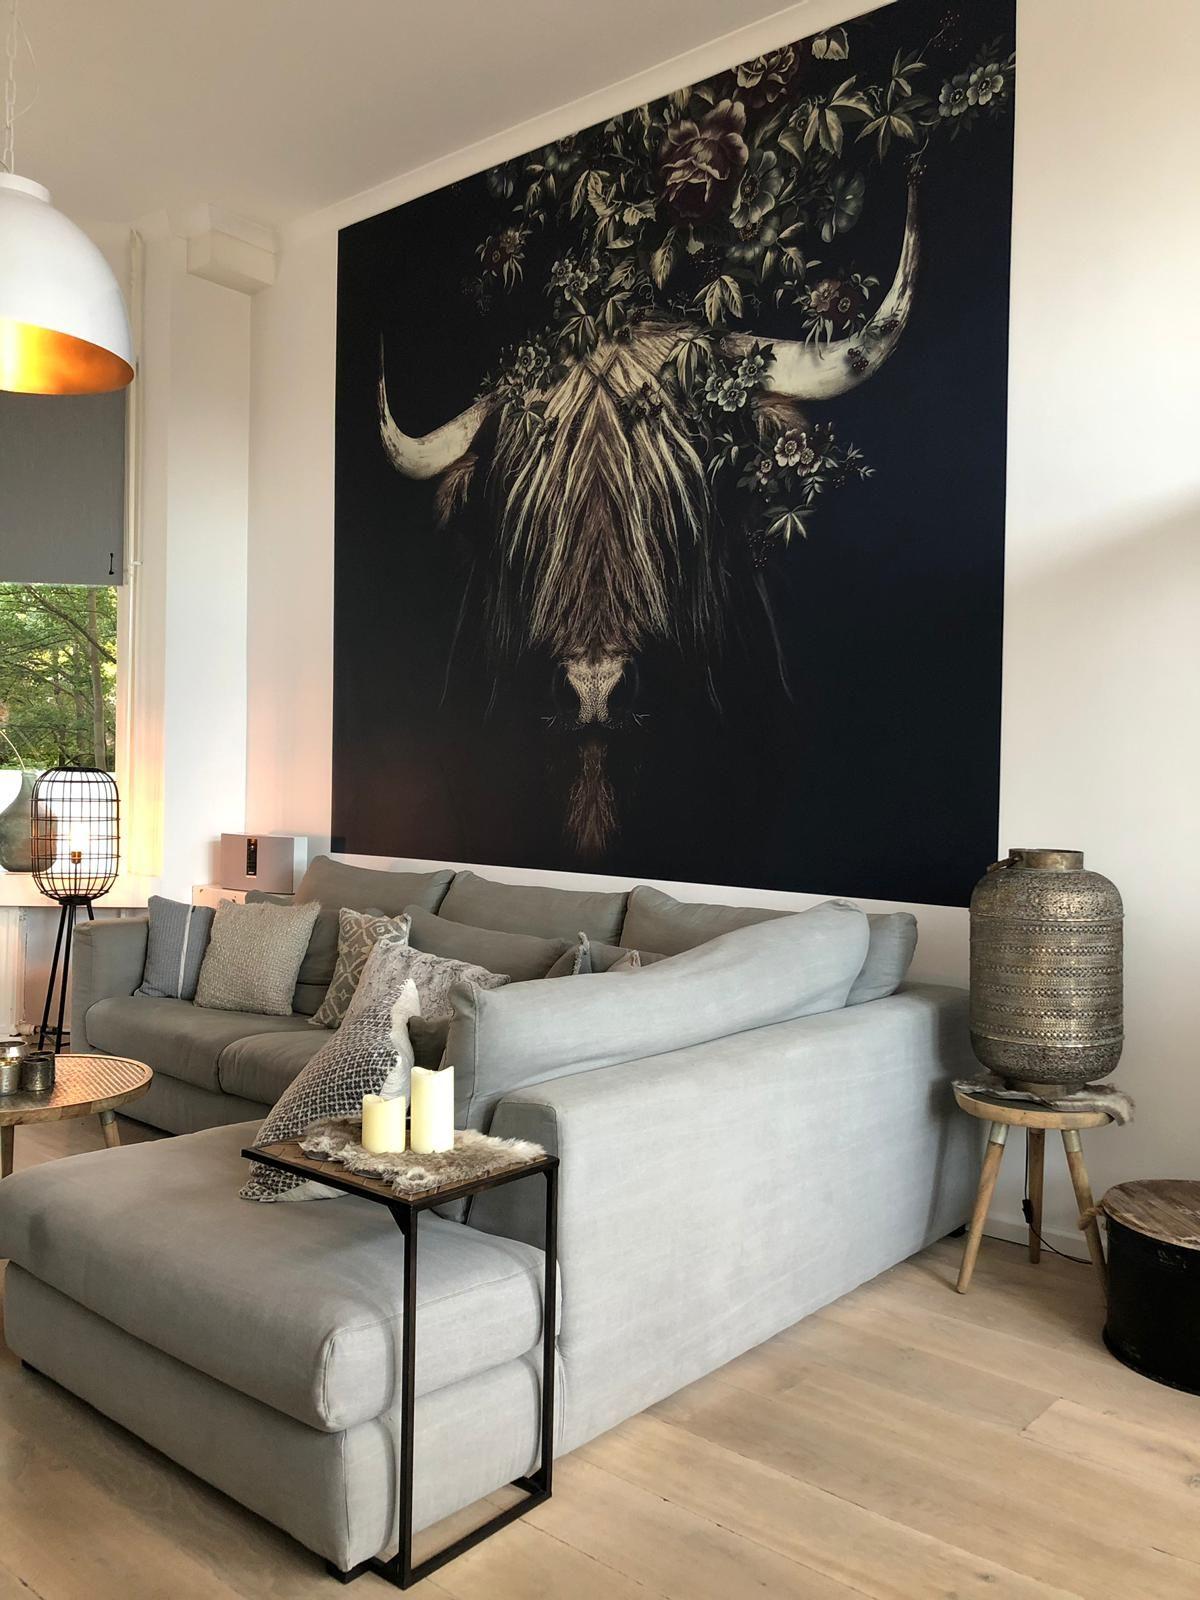 Benieuwd Naar Stijlvolle Wanddecoraties Klik Op De Bron Voor Een Artikel Vol Met Wanddecoratie Ideeen Home Decor Modern Shelving Design Minimalist Home Decor